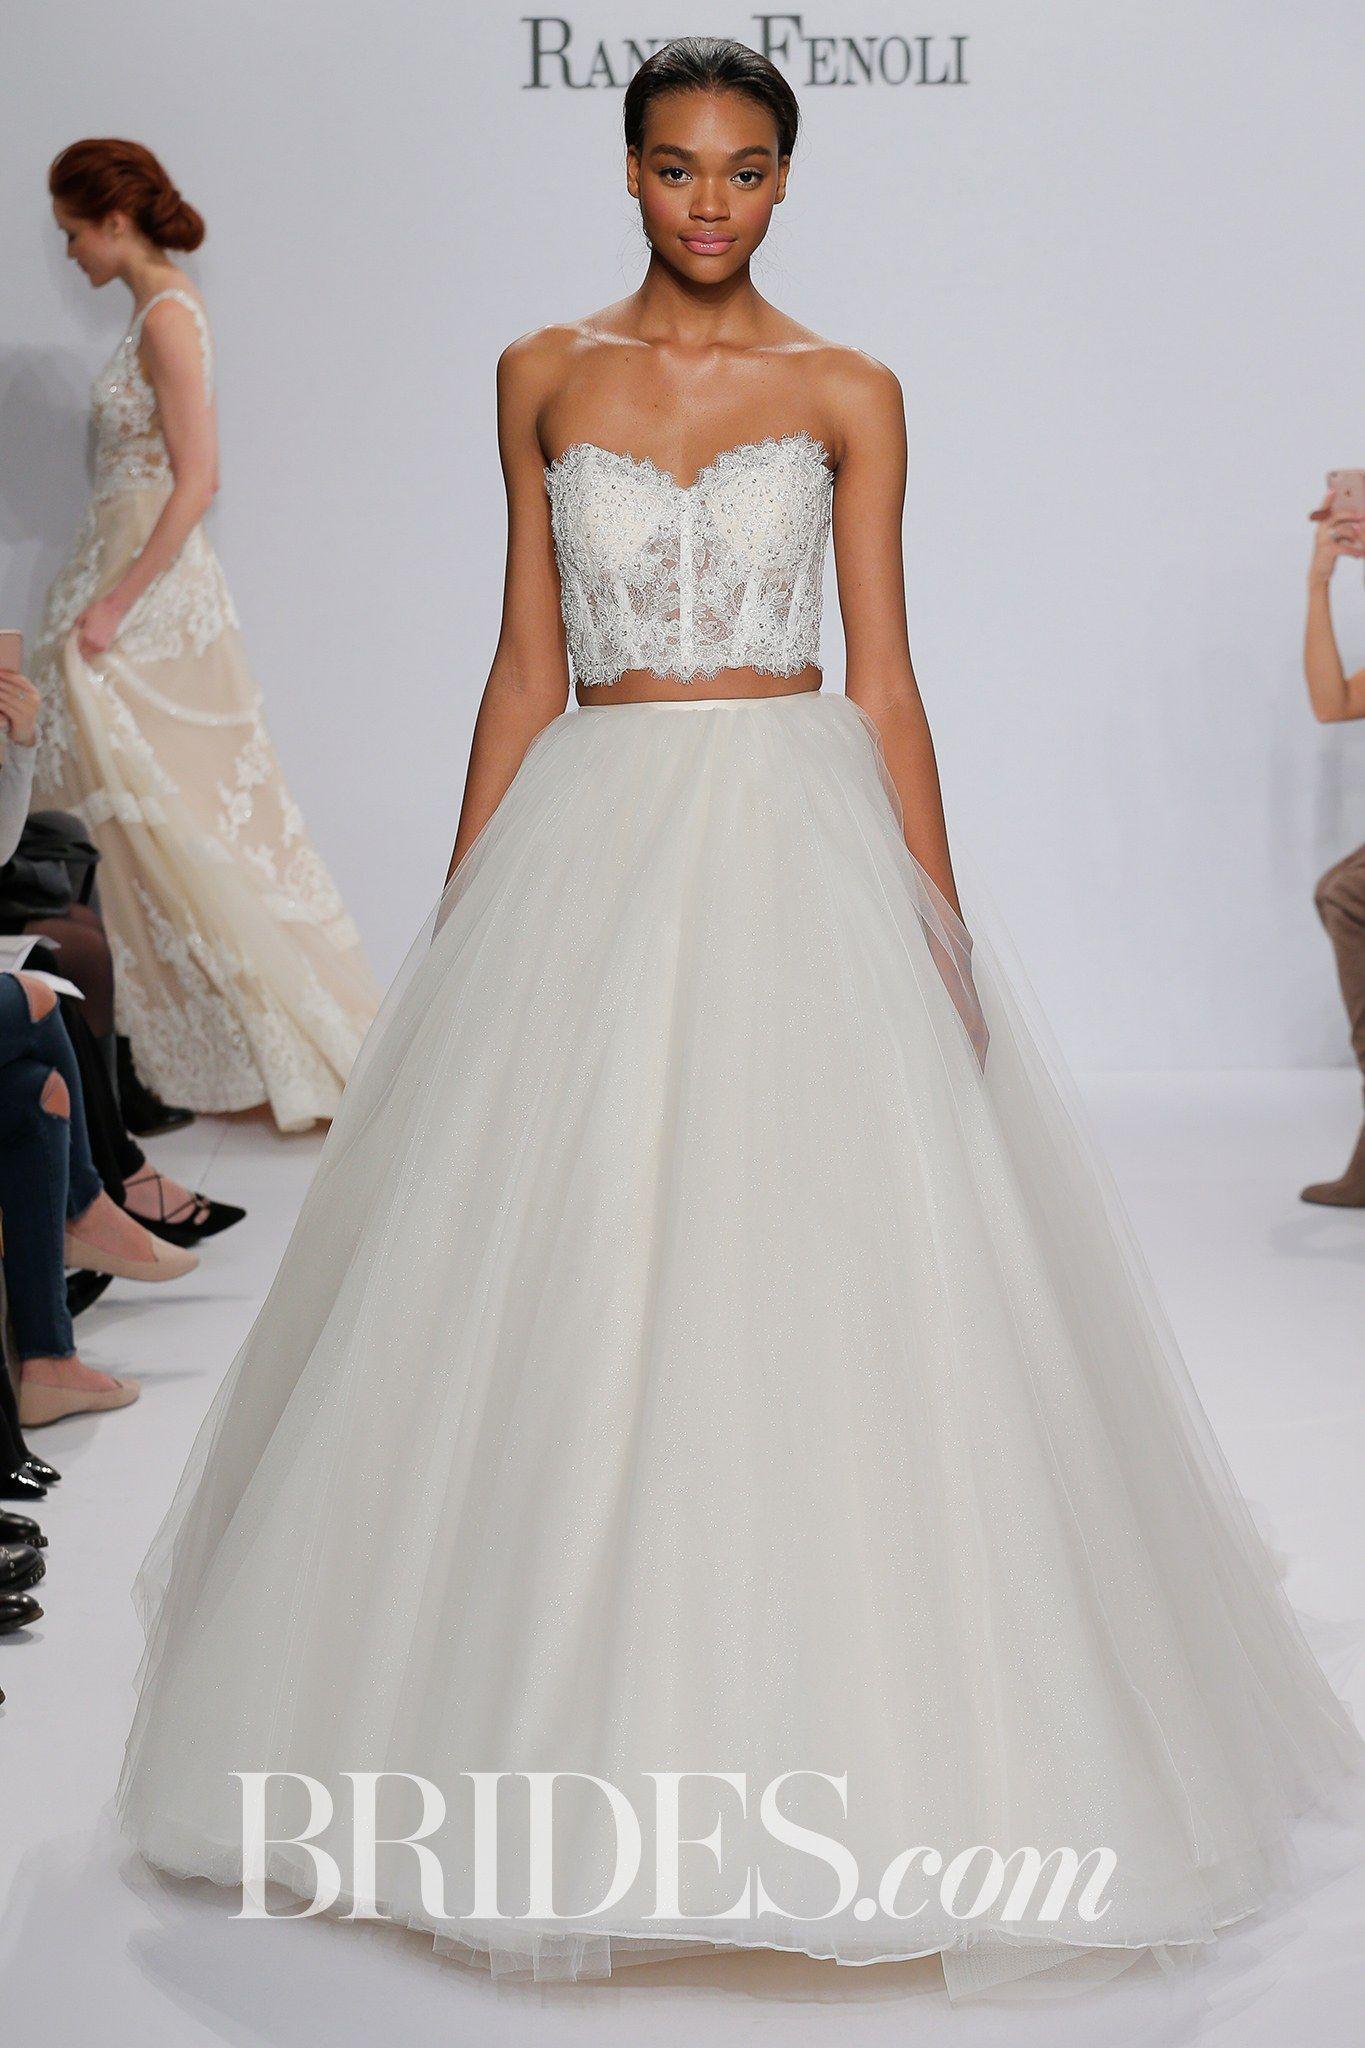 2019 year for girls- Dresses wedding kleinfeld